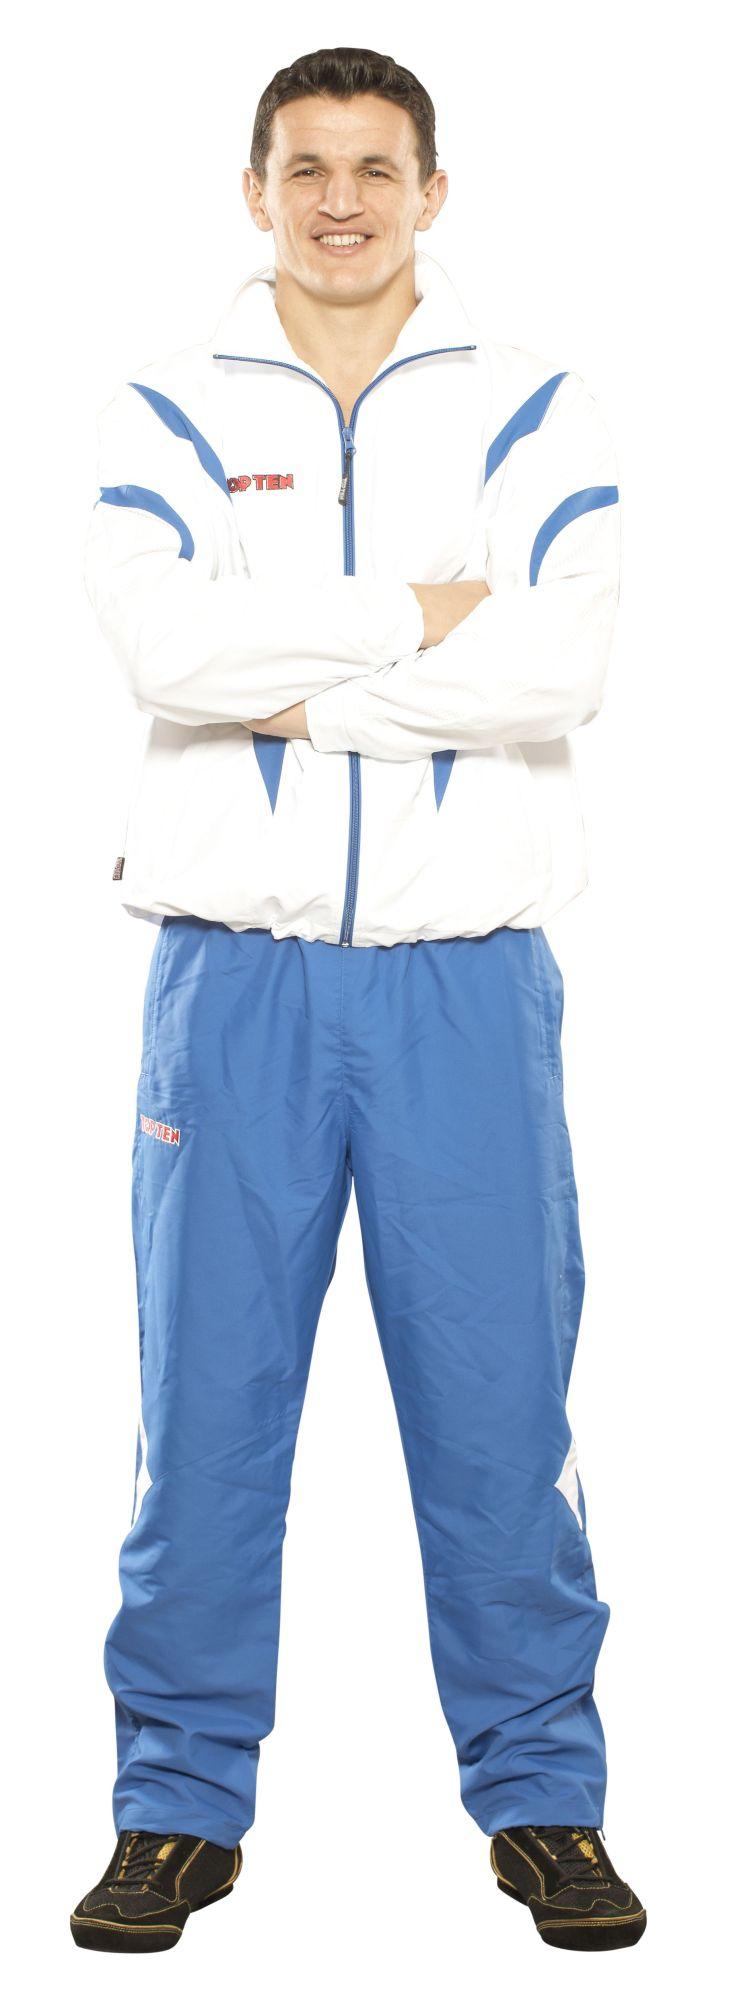 """TOP TEN Trainingspak """"Premium Quality"""" met blauw pants voor kinderen Wit - Blauw"""